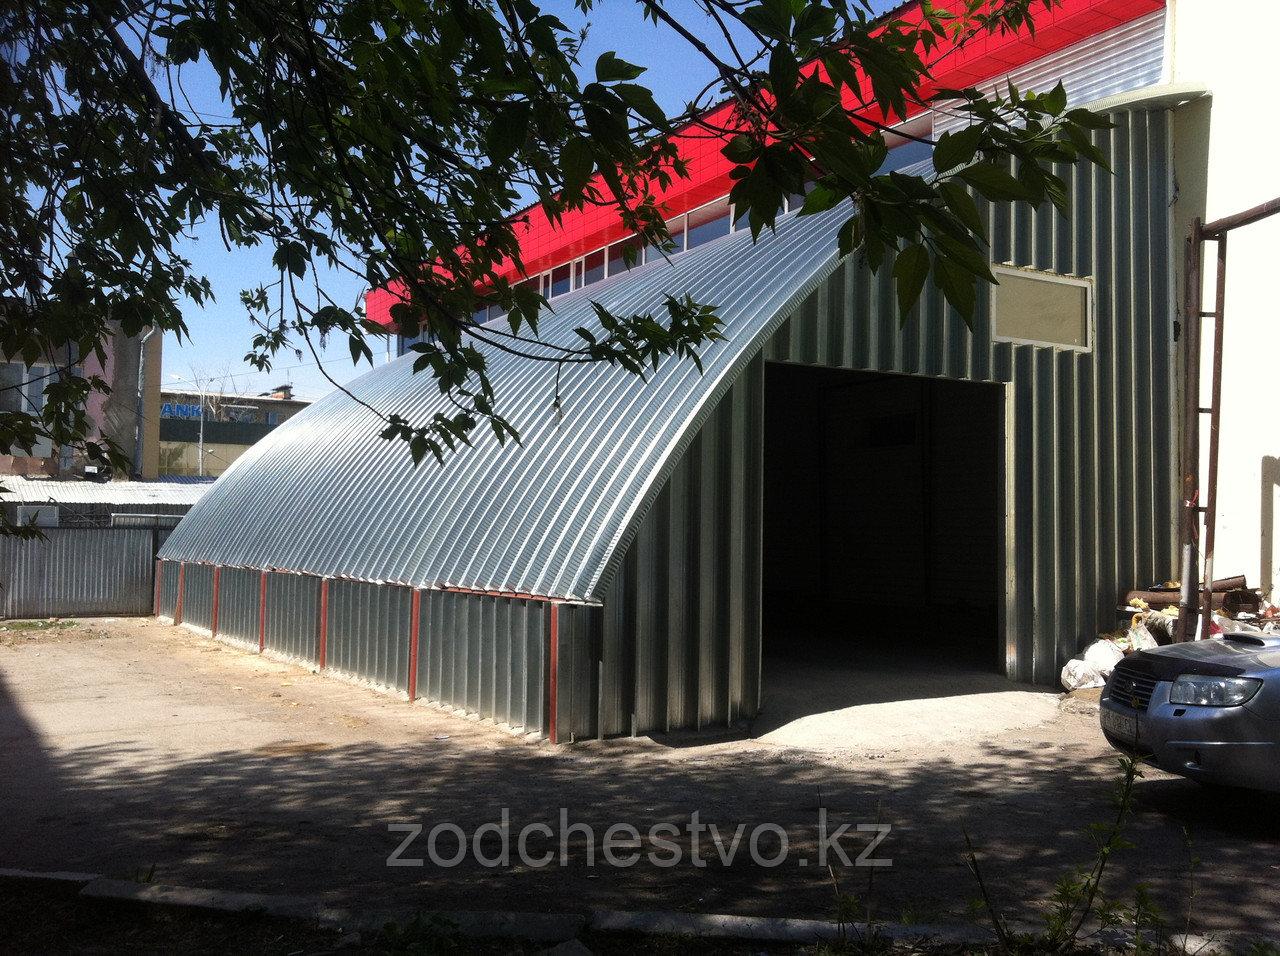 Строительство складского помещения пристройки к существующему зданию